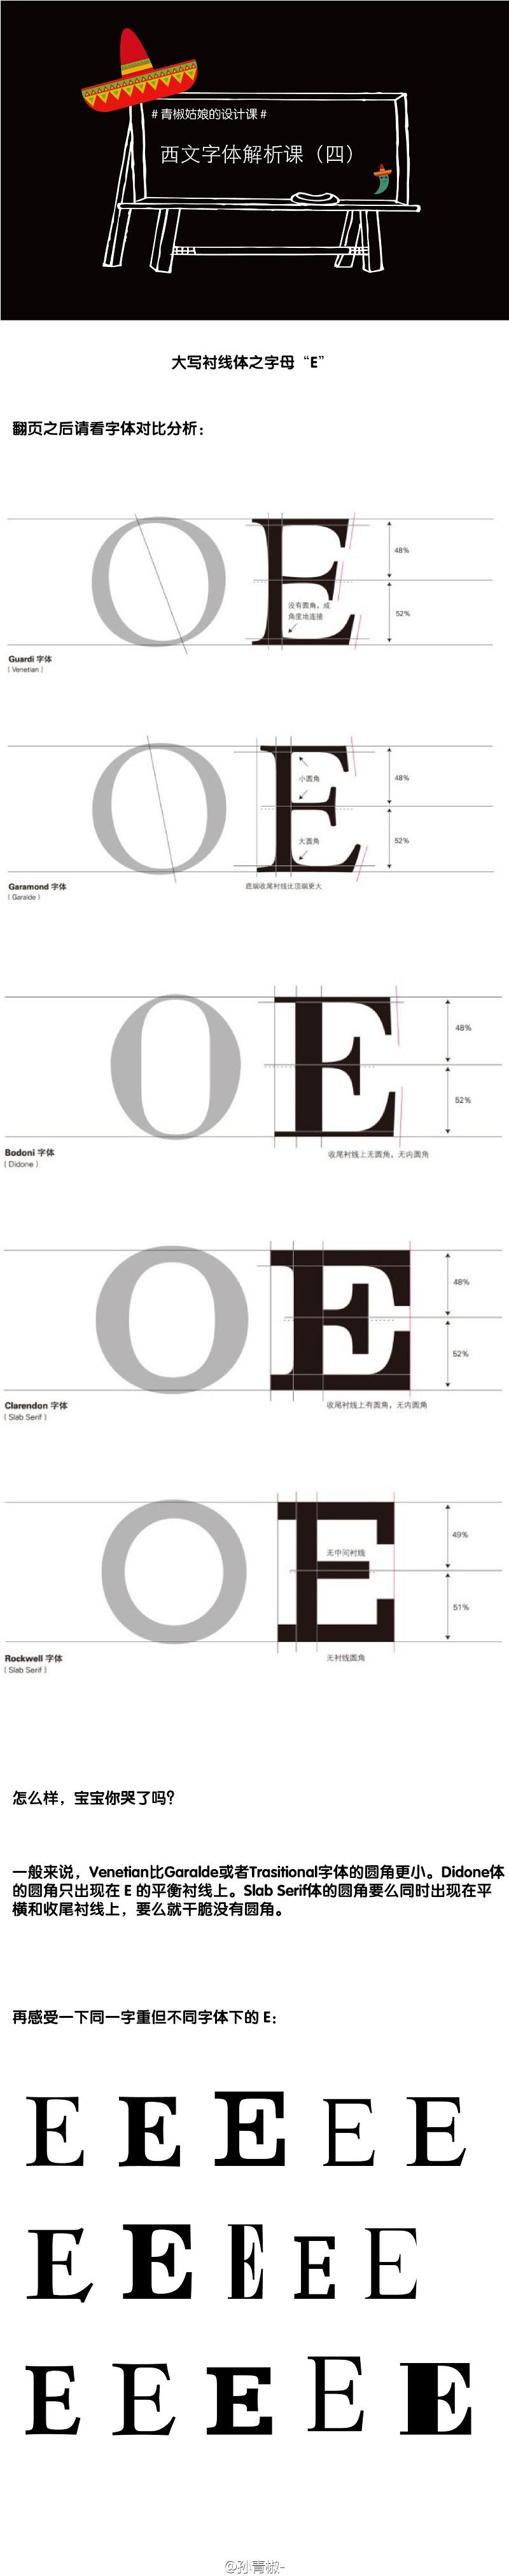 青椒姑娘的设计课!从零开始学英文字体设计(四)